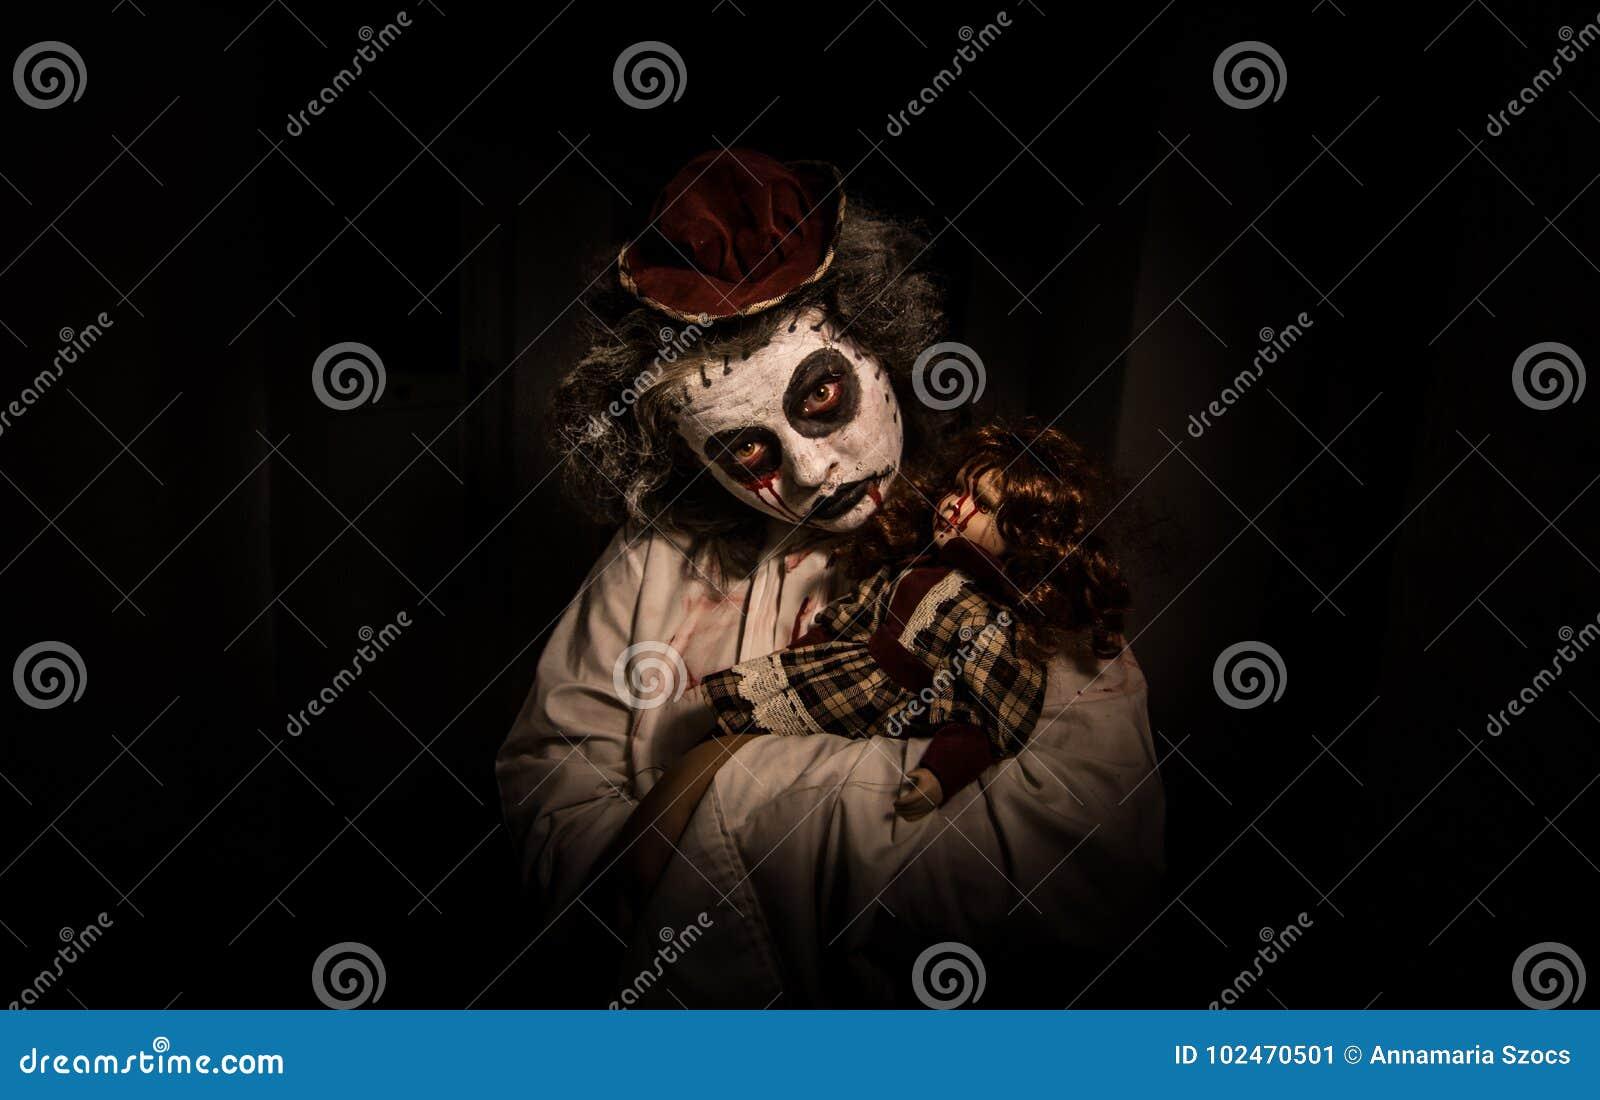 Portret van een griezelig meisje met bloedige pop